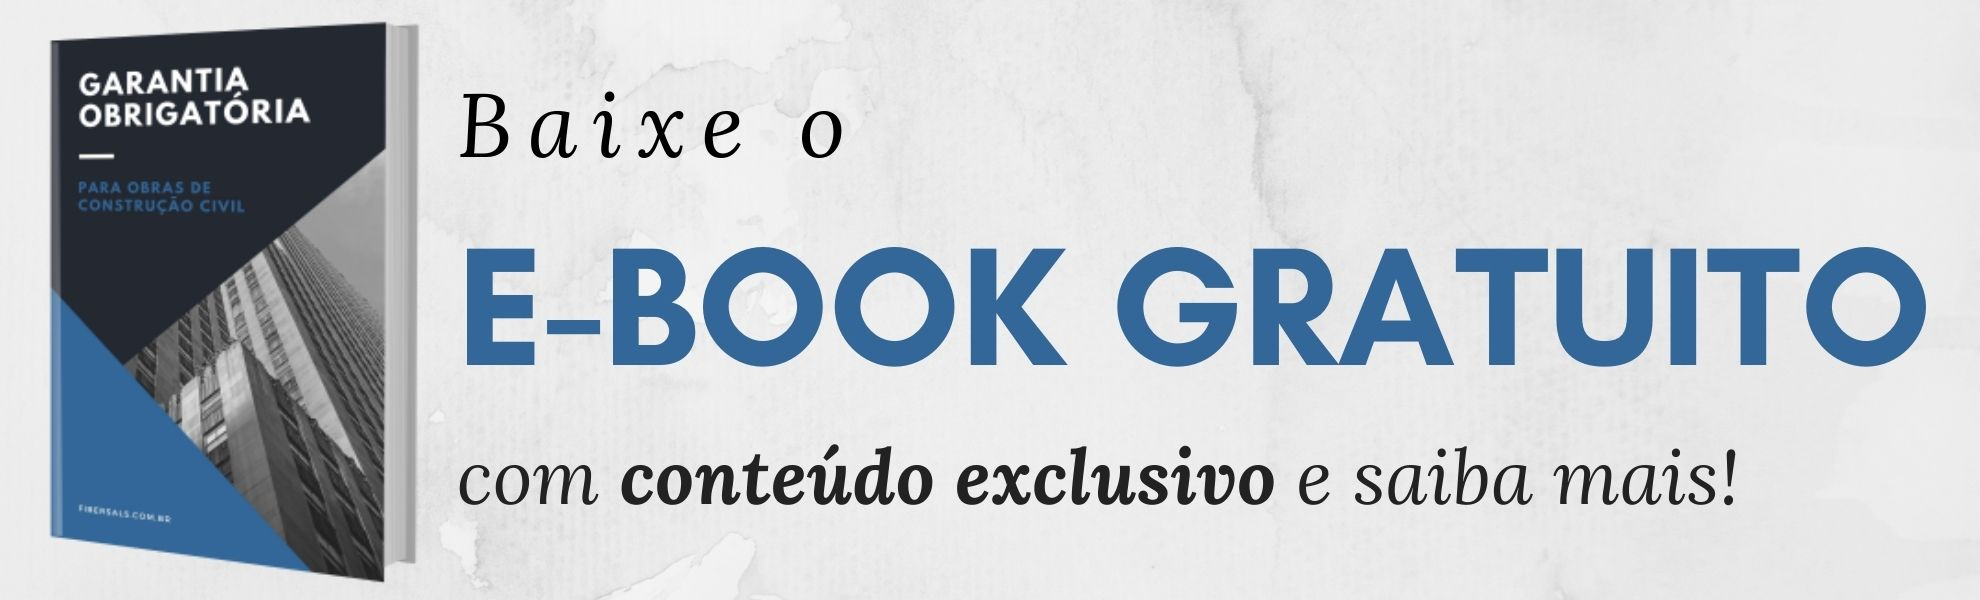 ebook garantia obrigatória para obras de construção civil